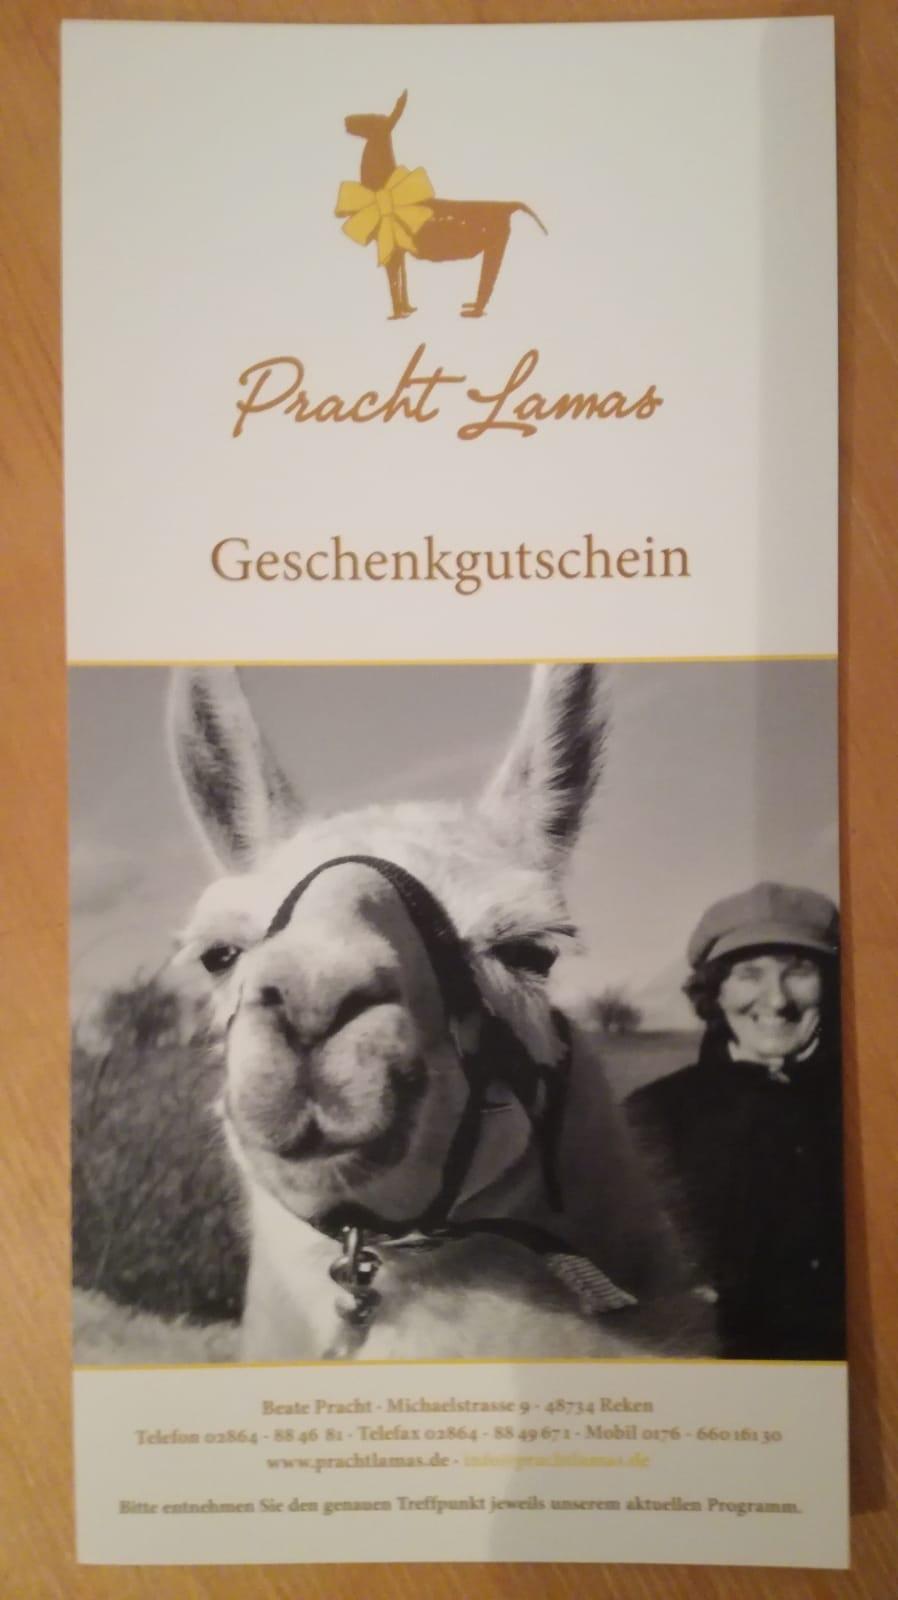 Prachtlamas-Geschenk-Gutschein